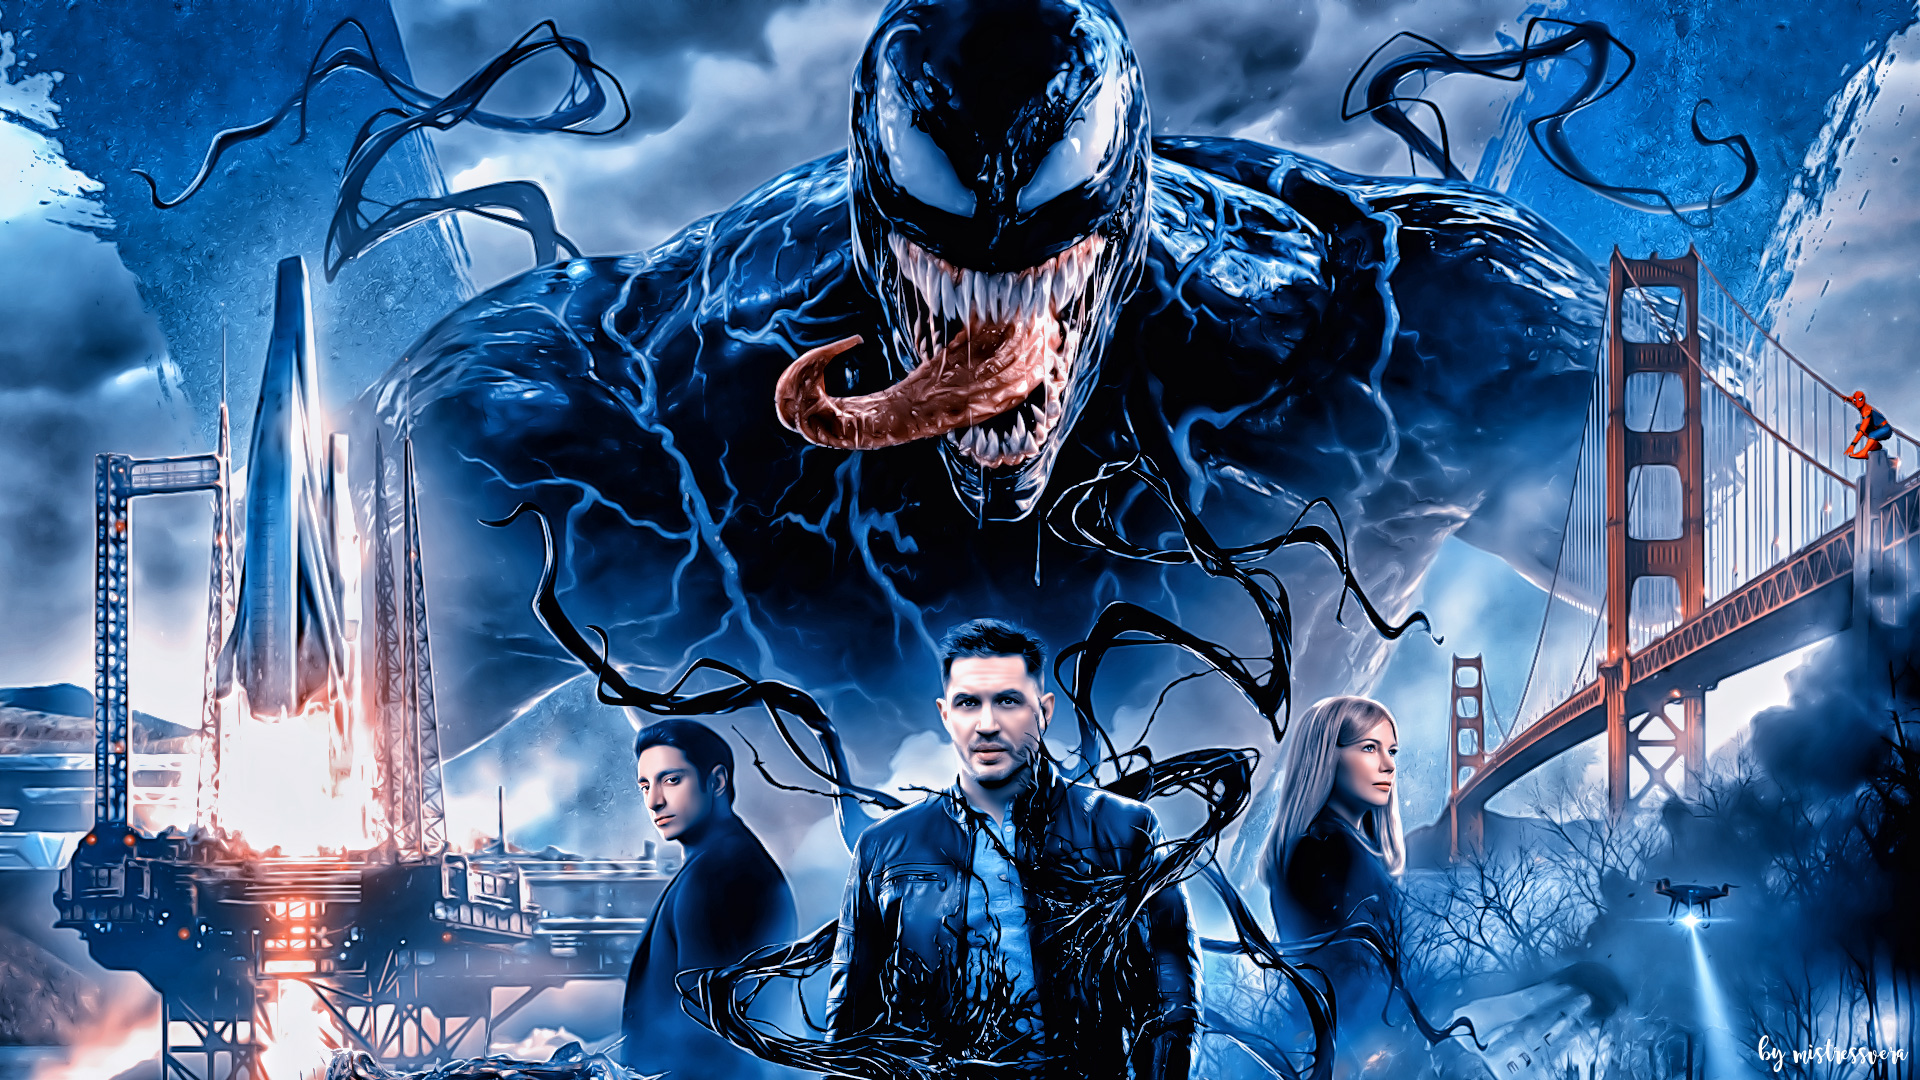 Venom Movie Background Hd Tv Shows Airing